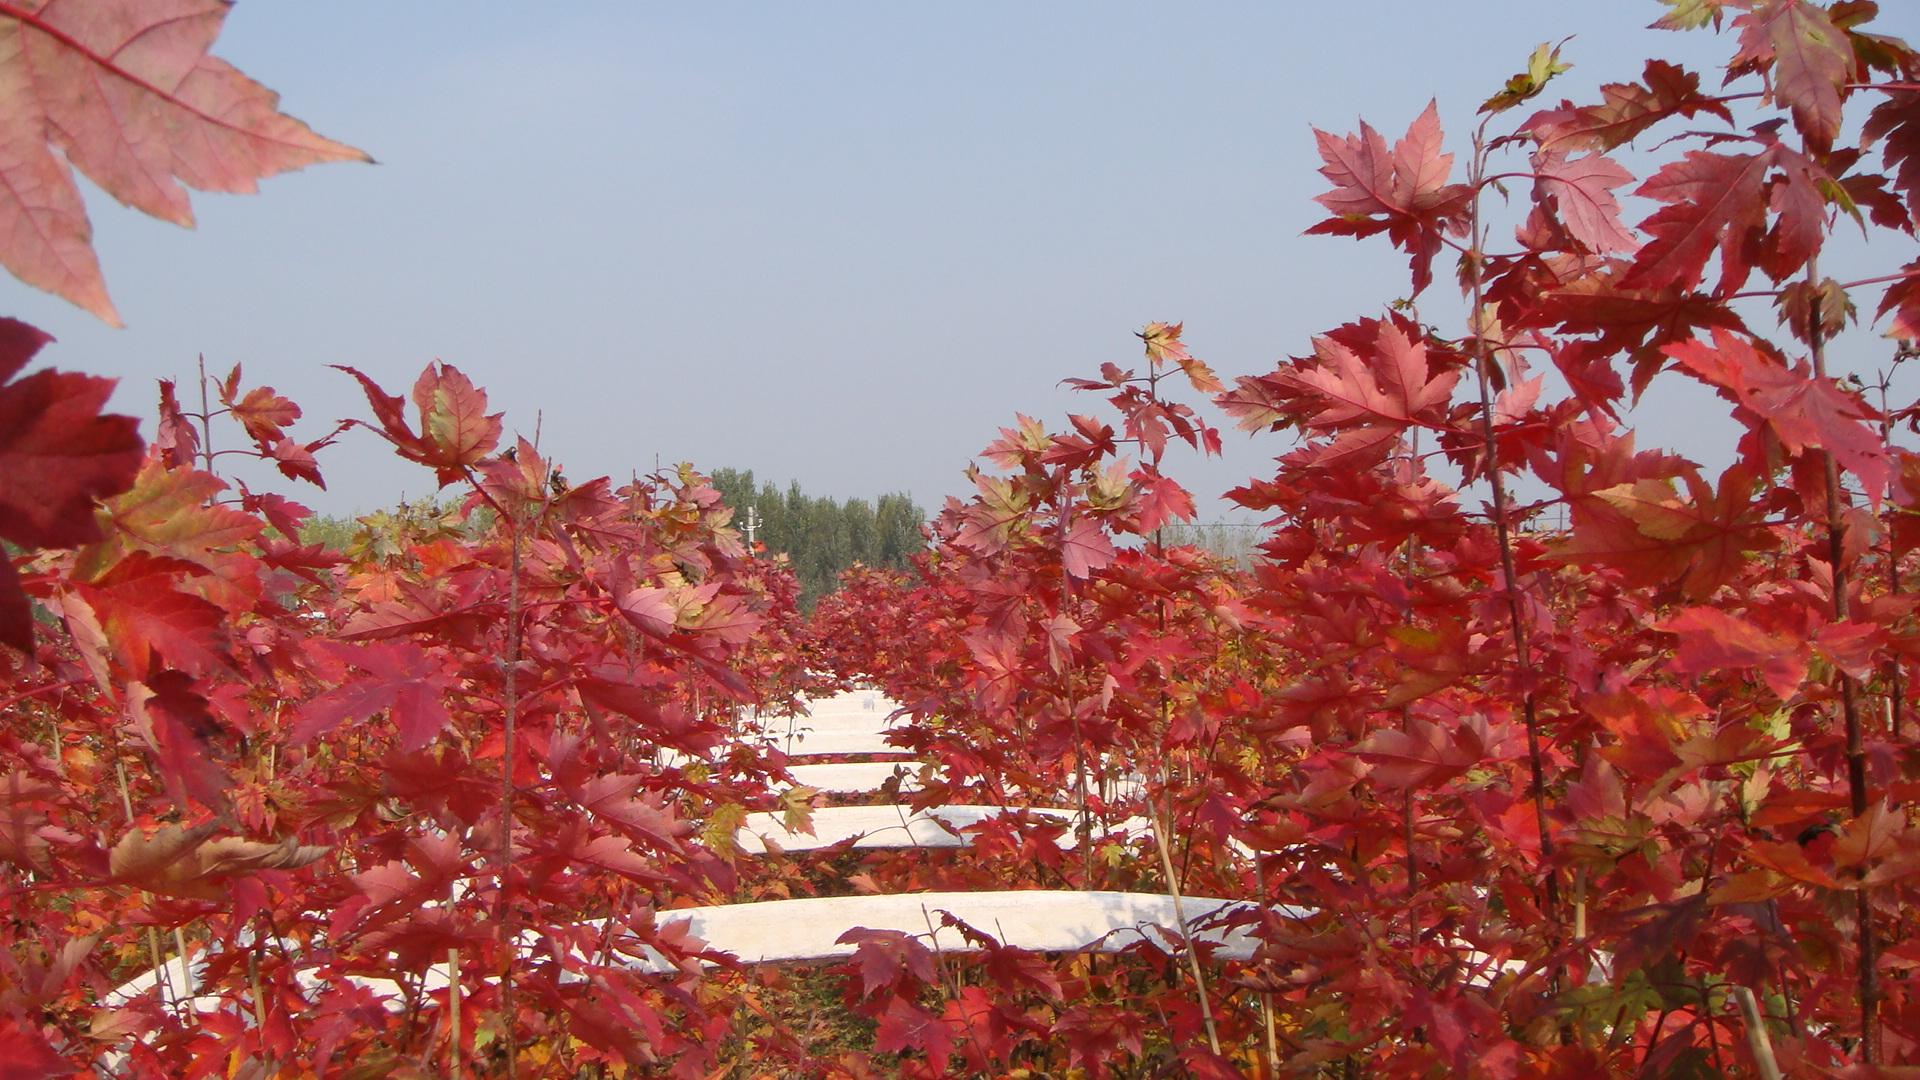 产品 美国红枫       美国红枫又名红花槭,槭树科槭树属.